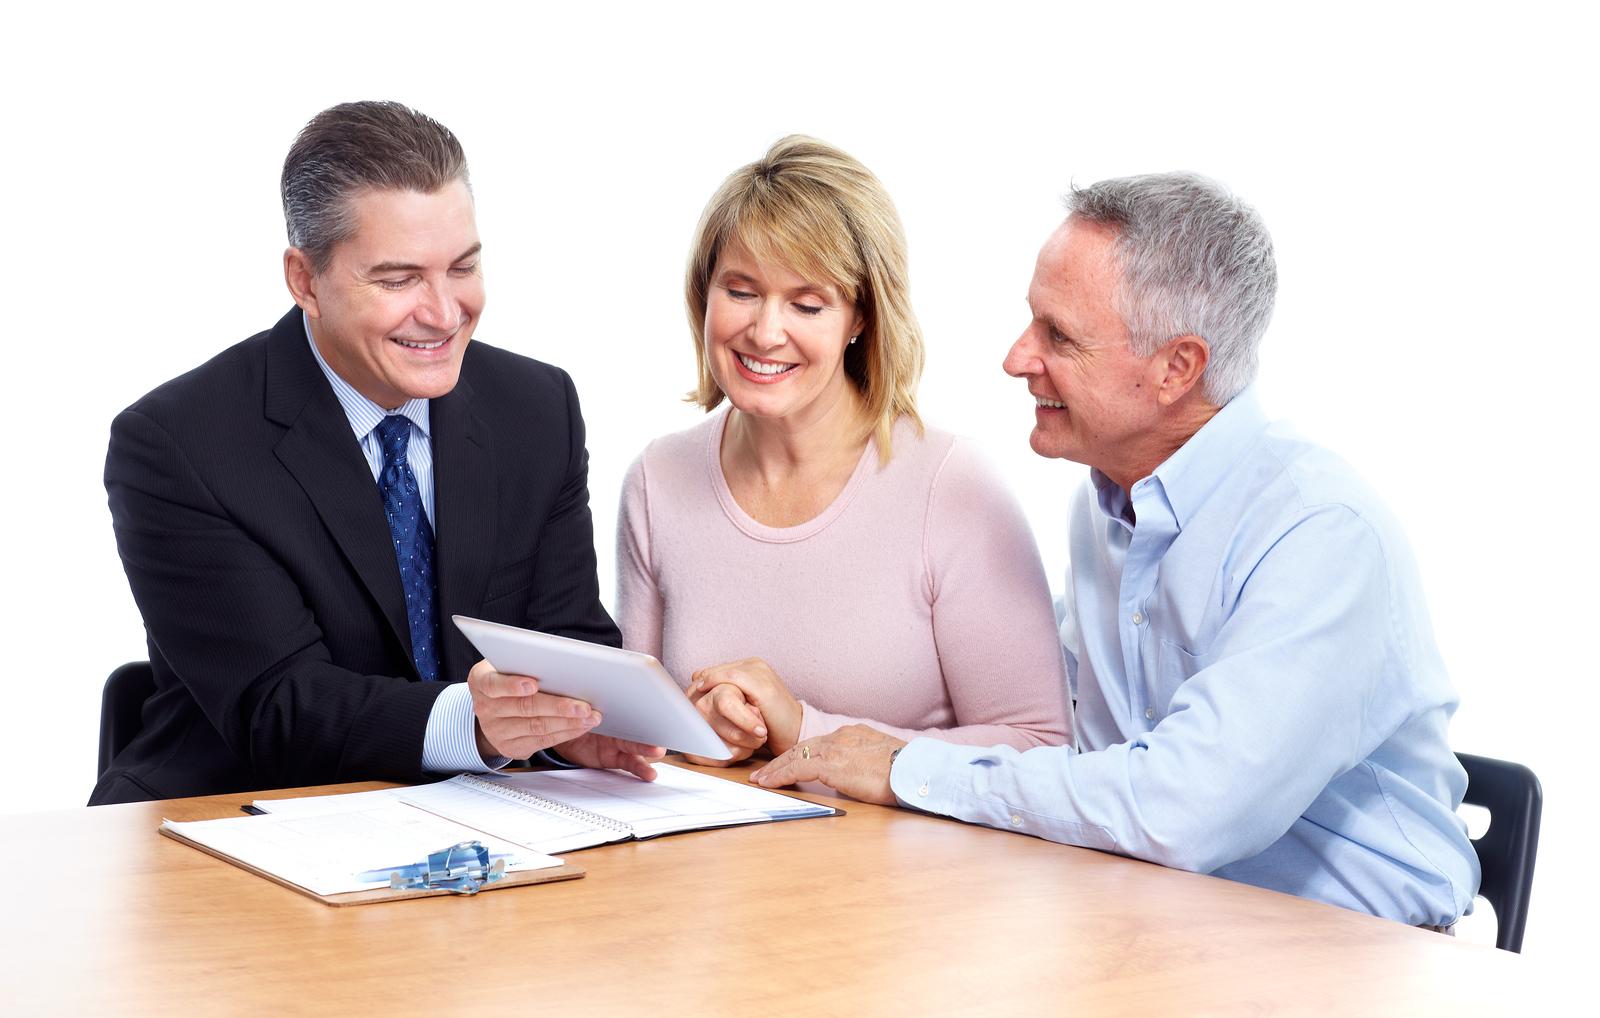 Полис страхования жизни могут сделать залогом по ипотеке